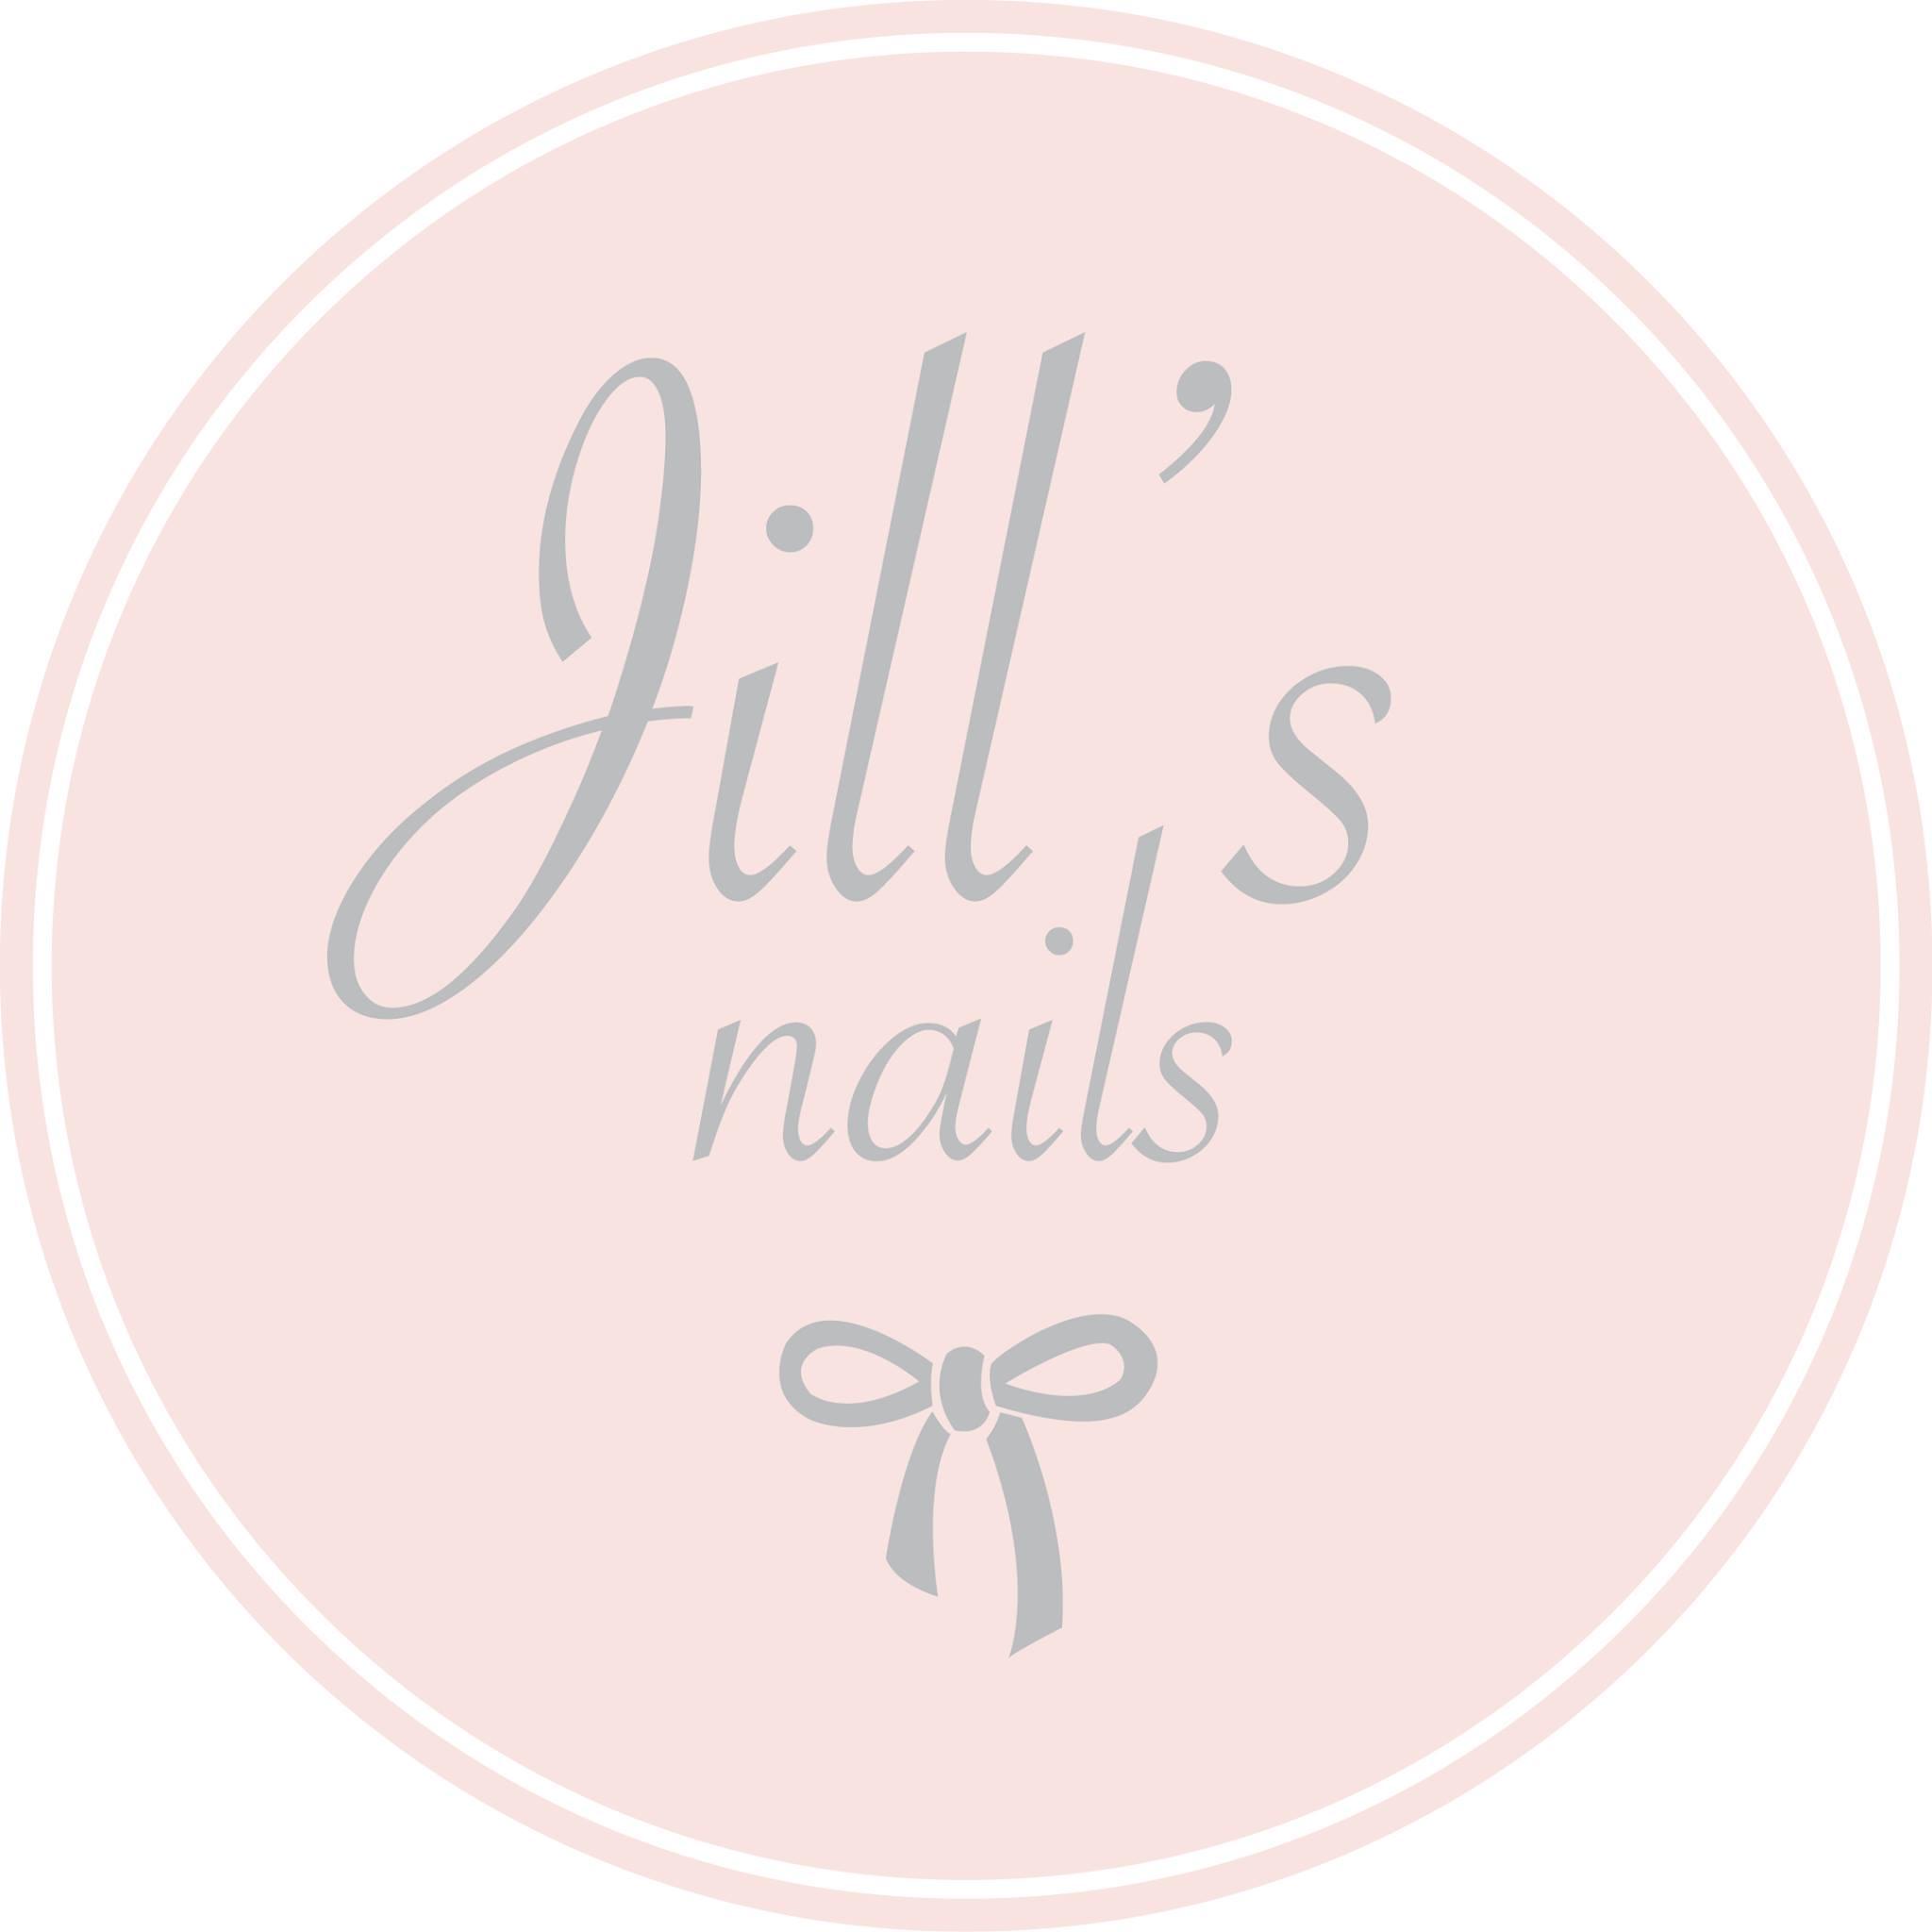 Jills Little Things Logo